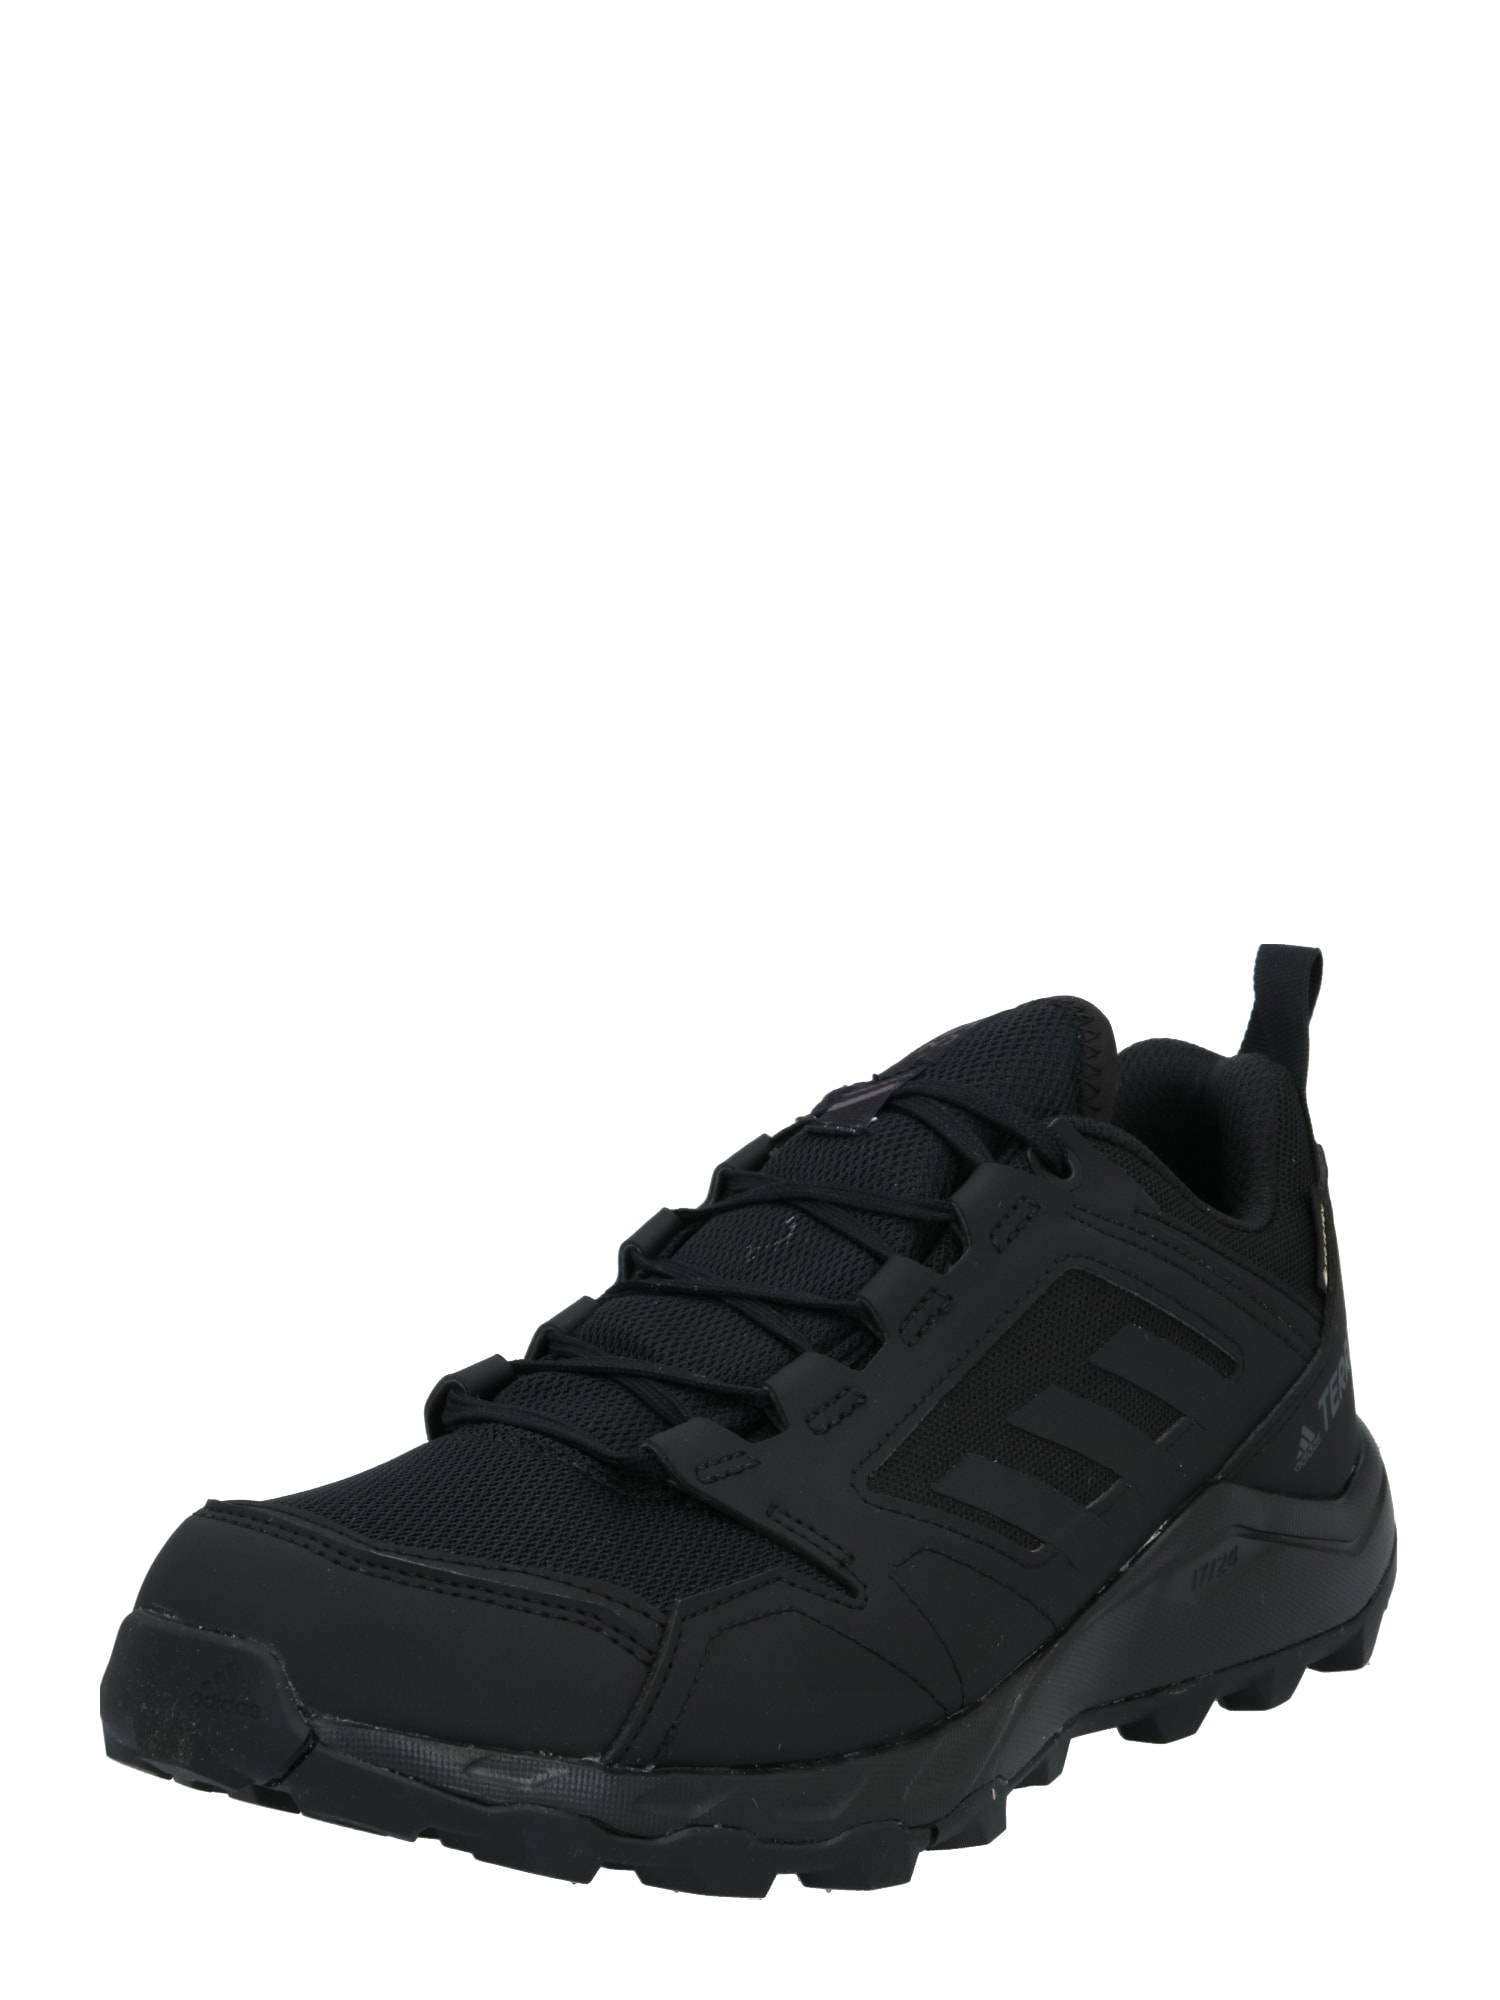 adidas Terrex Chaussure de course  - Noir - Taille: 10.5 - male